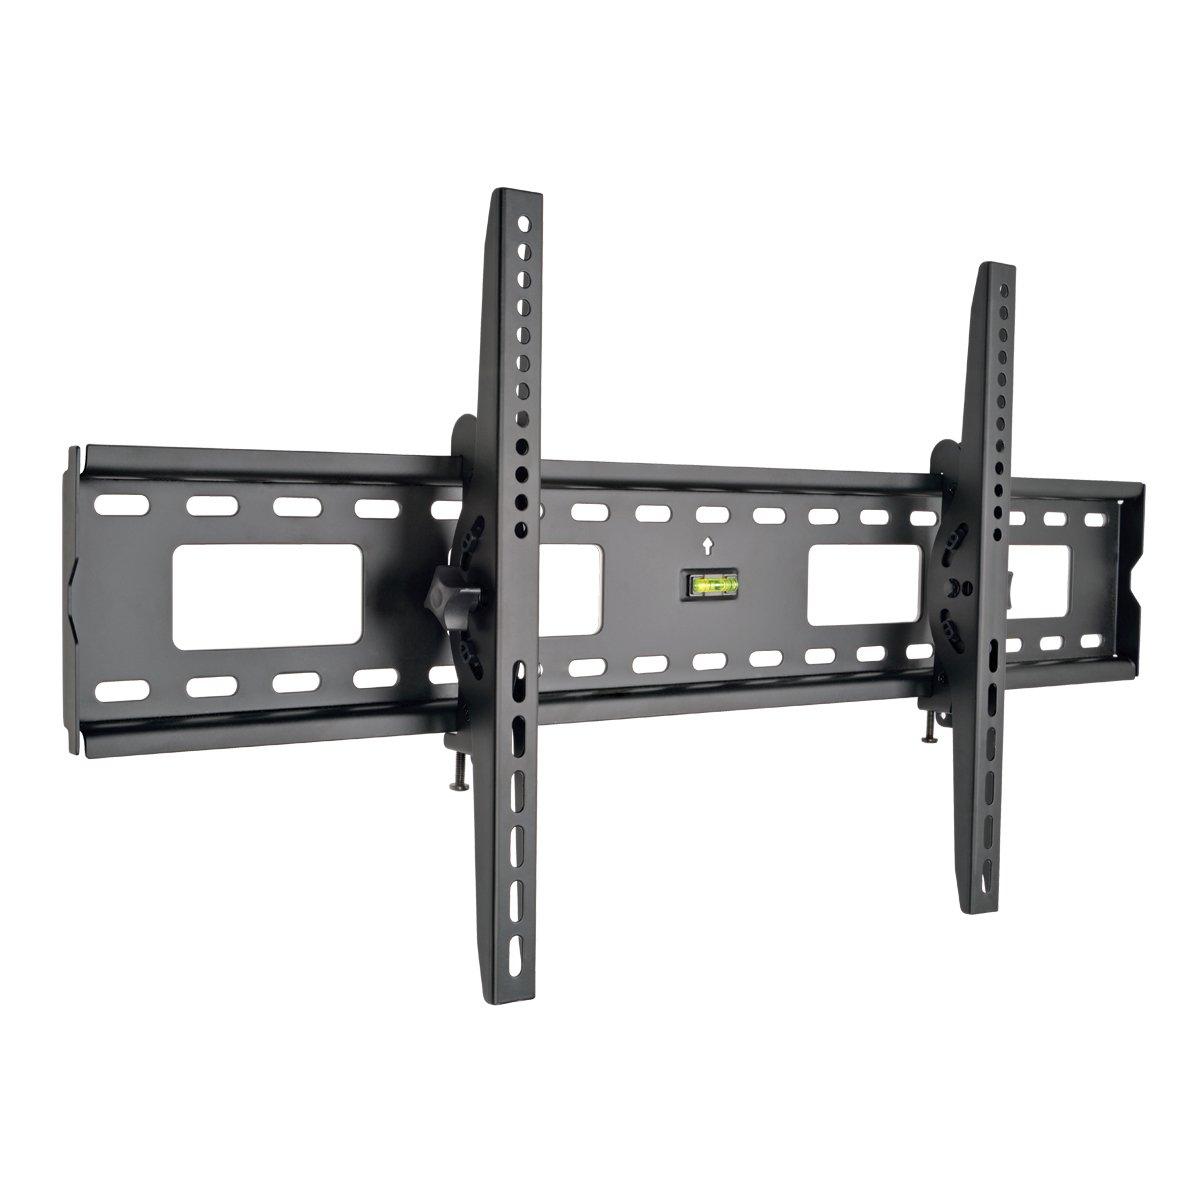 Tripp Lite Tilt Wall Mount 45'' to 85'' TVs, Monitors, Flat Screens, LED, Plasma LCD Displays (DWT4585X)